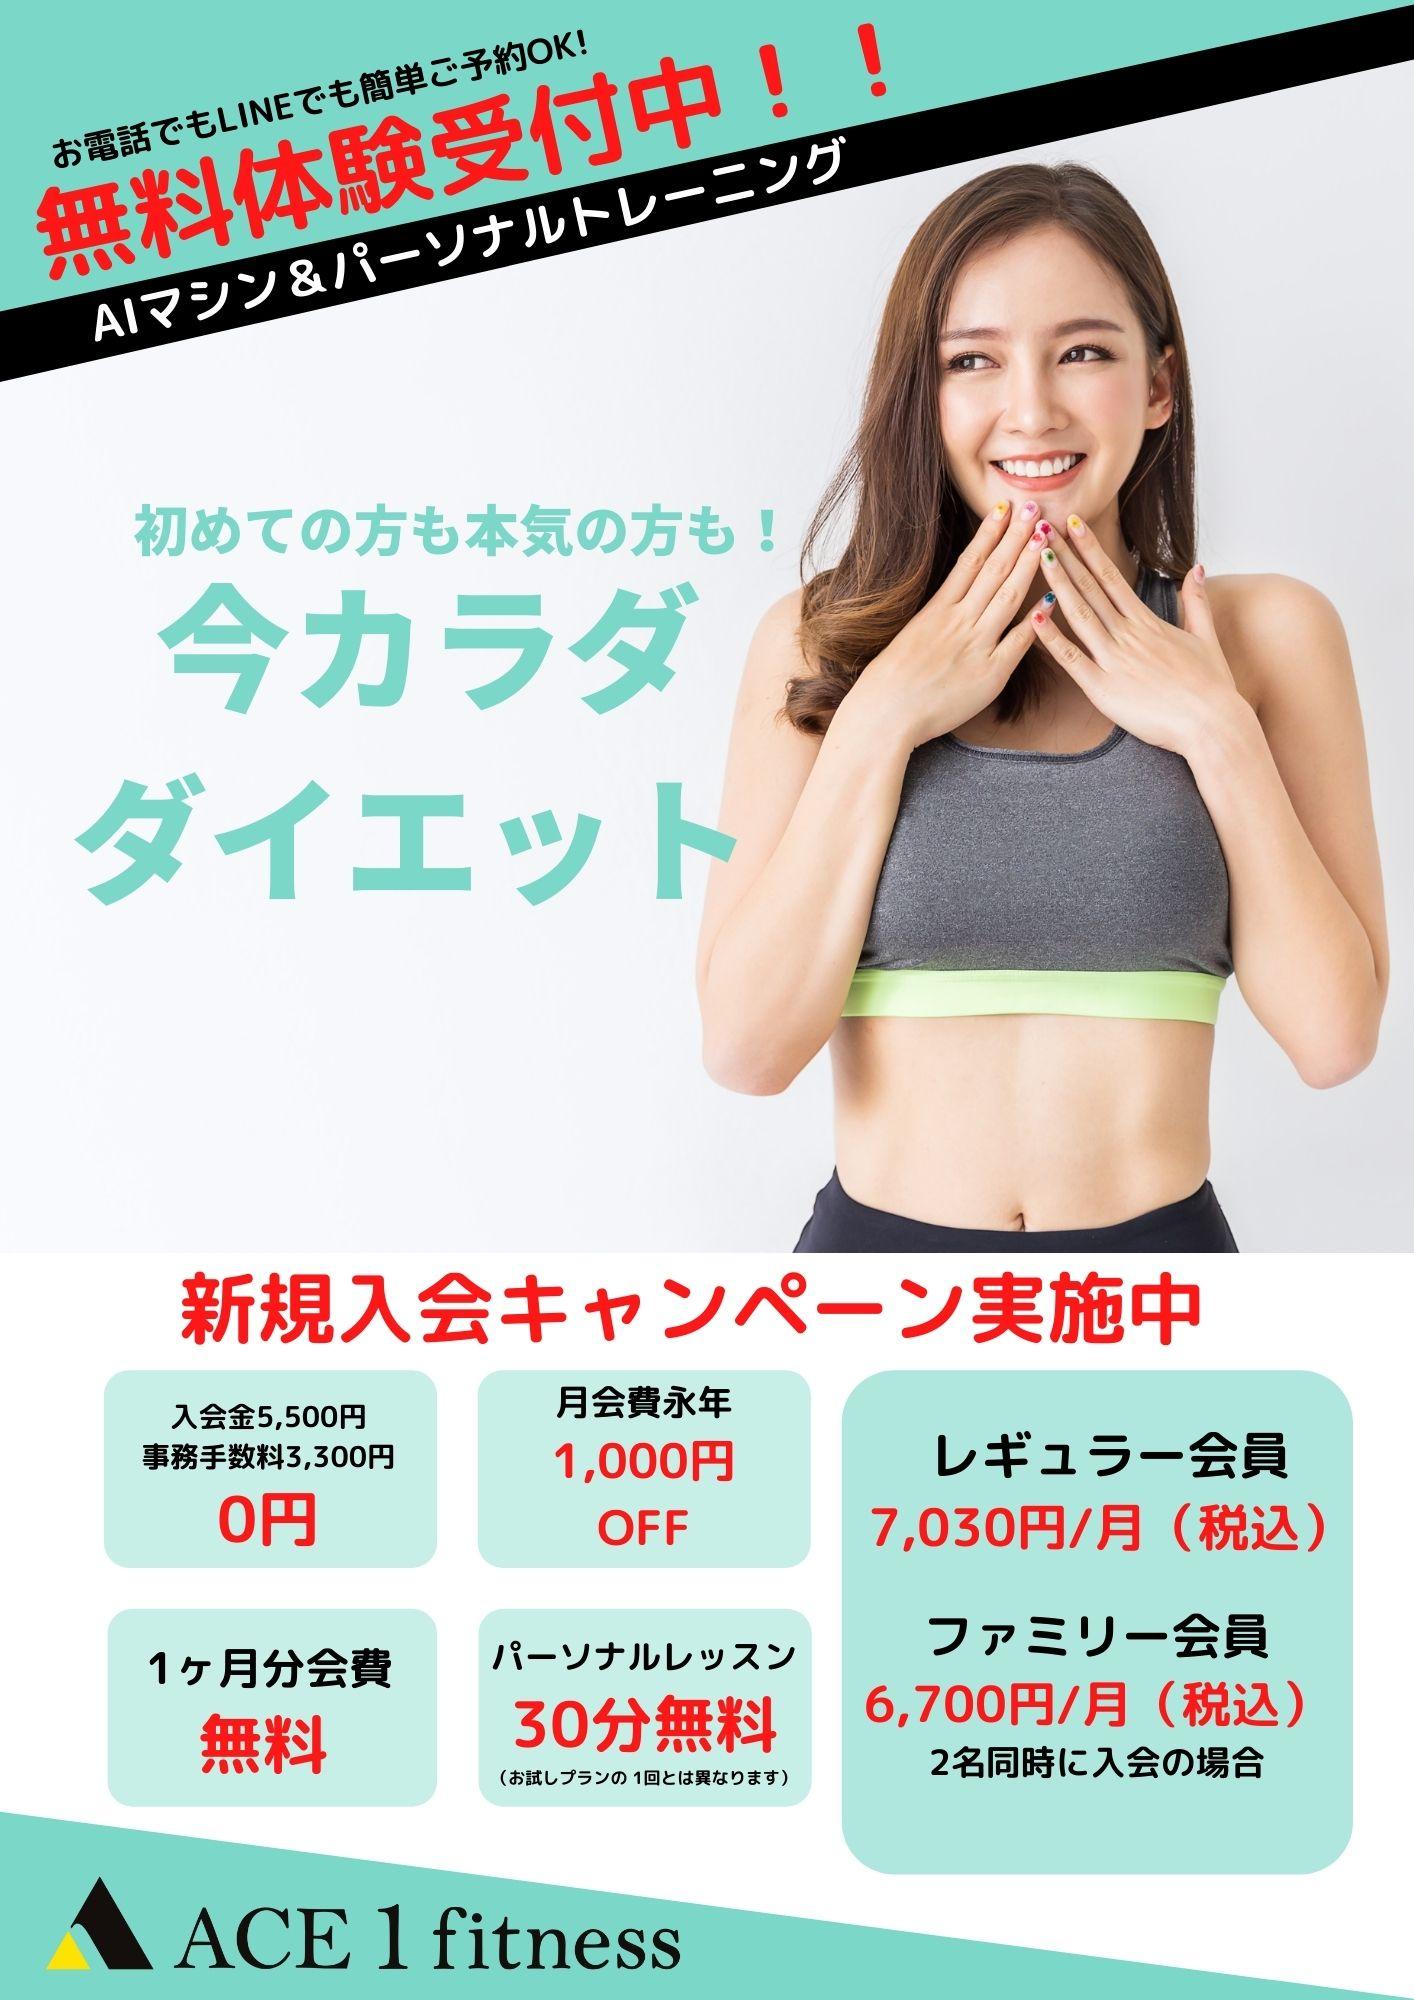 10月31日(火)までの入会キャンペーン実施中!!page-visual 10月31日(火)までの入会キャンペーン実施中!!ビジュアル